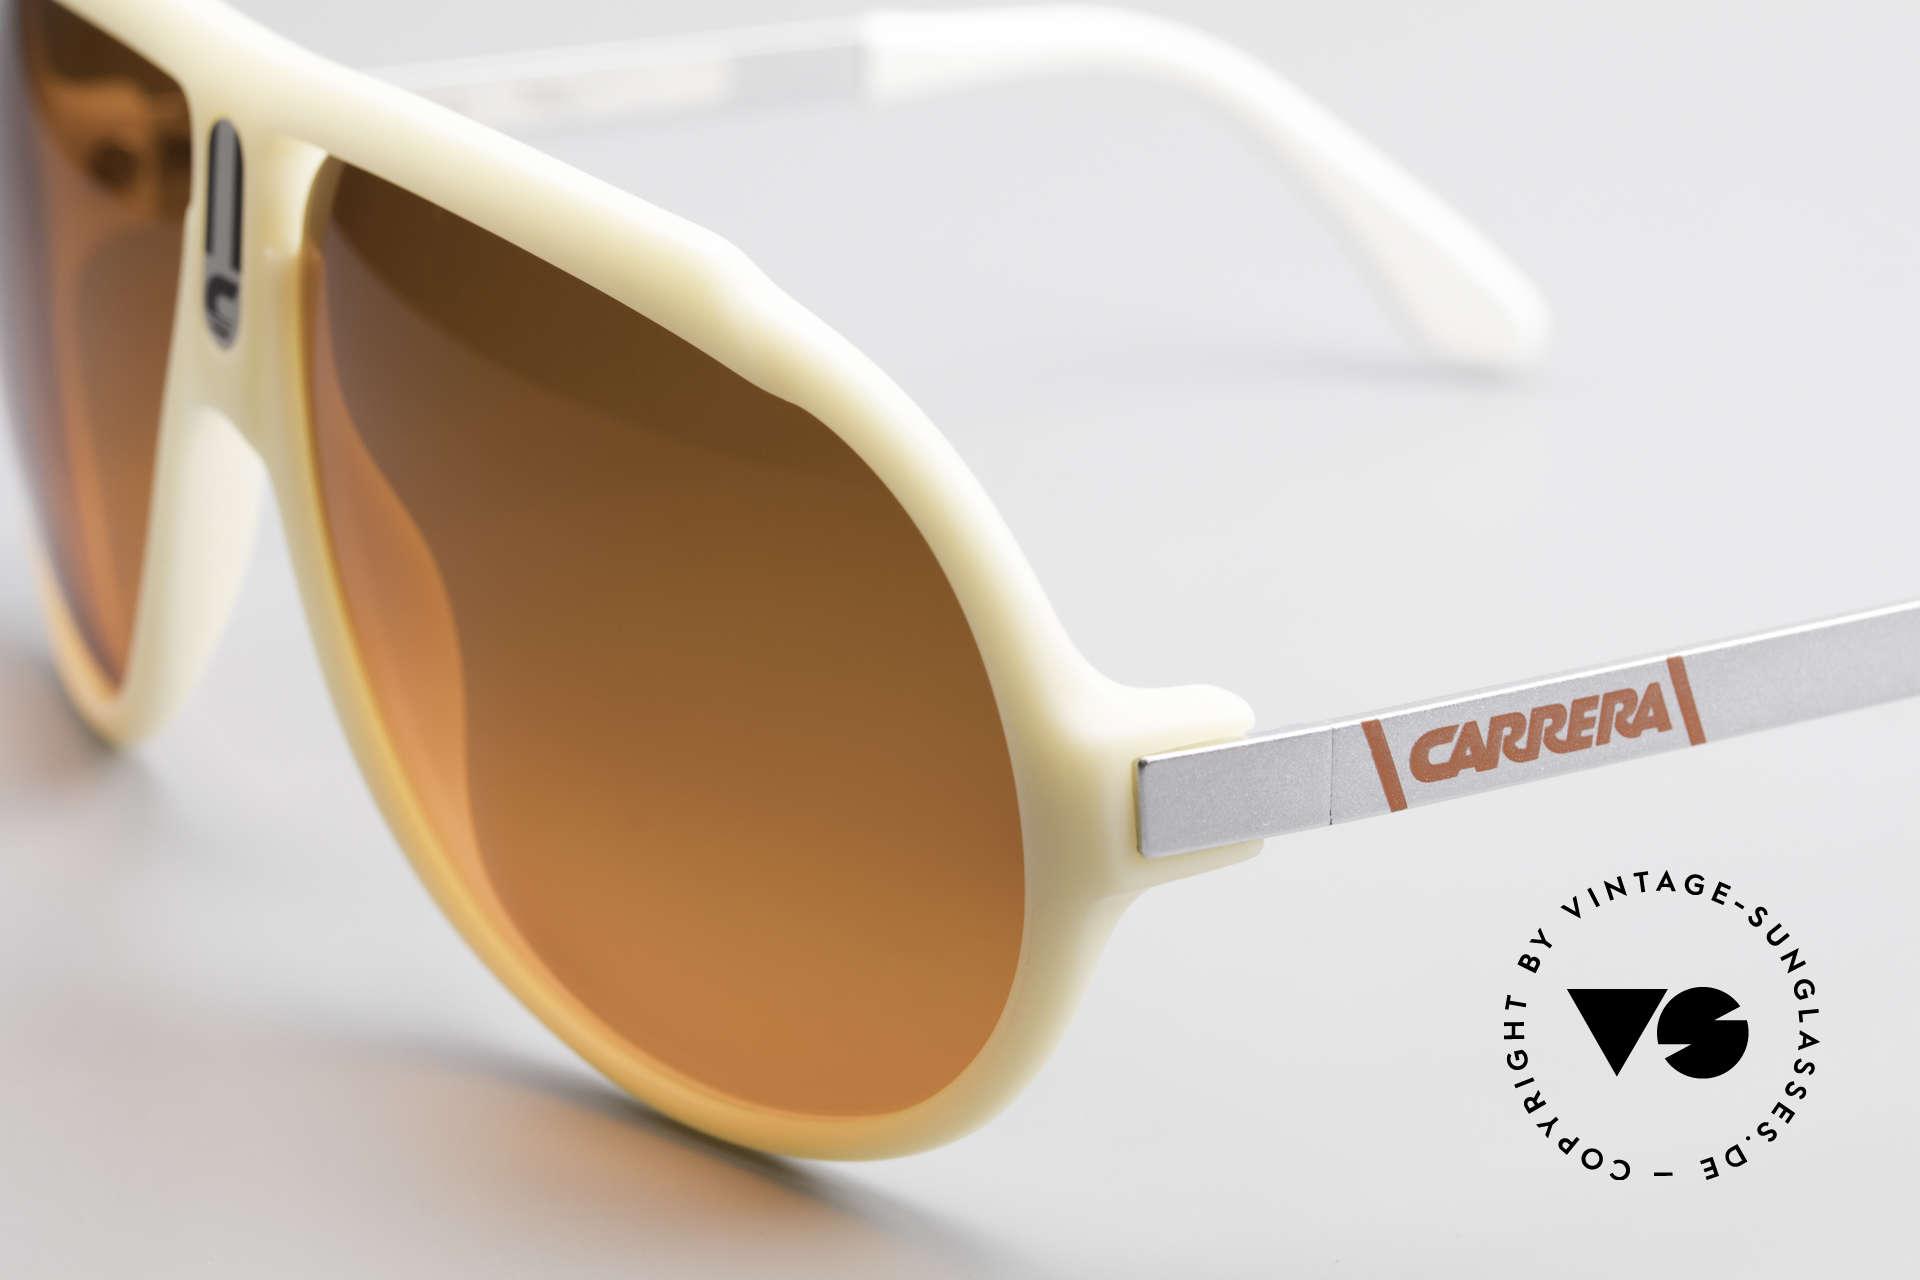 Carrera 5512 Miami Vice Sunset Sonnenbrille, ungetragen und mit SUNSET (Abendrot) Sonnengläsern, Passend für Herren